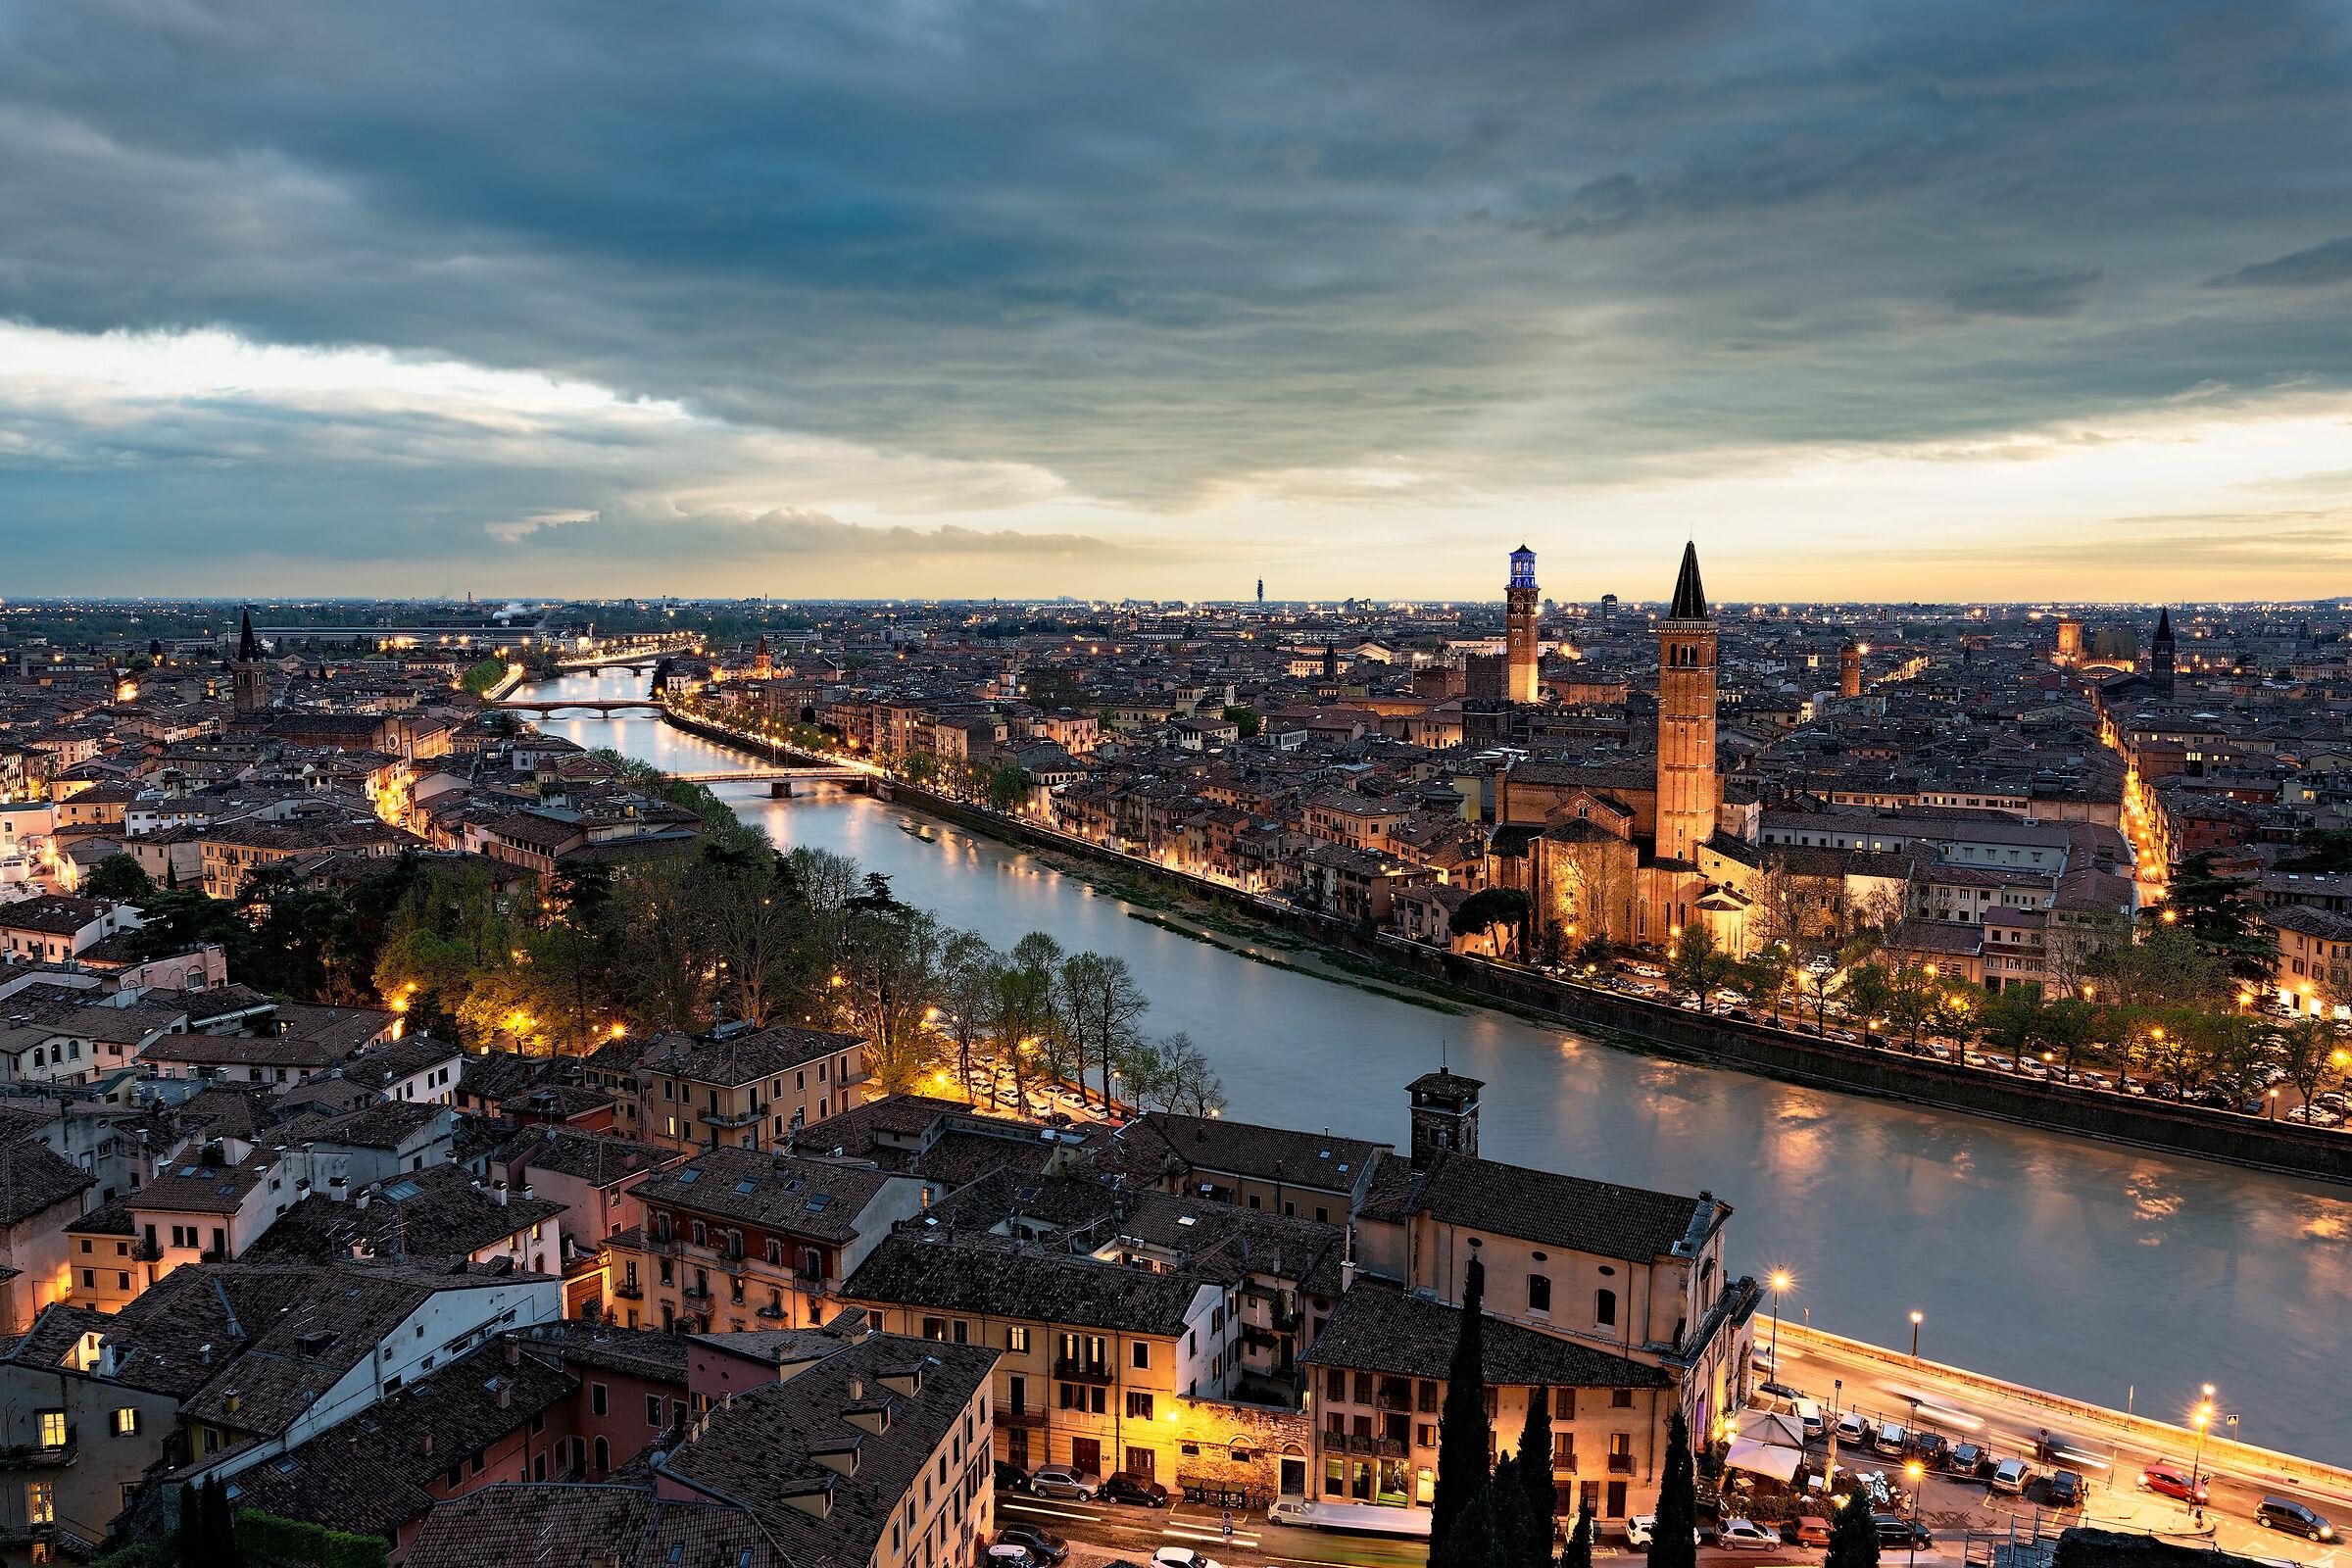 La bella Verona...